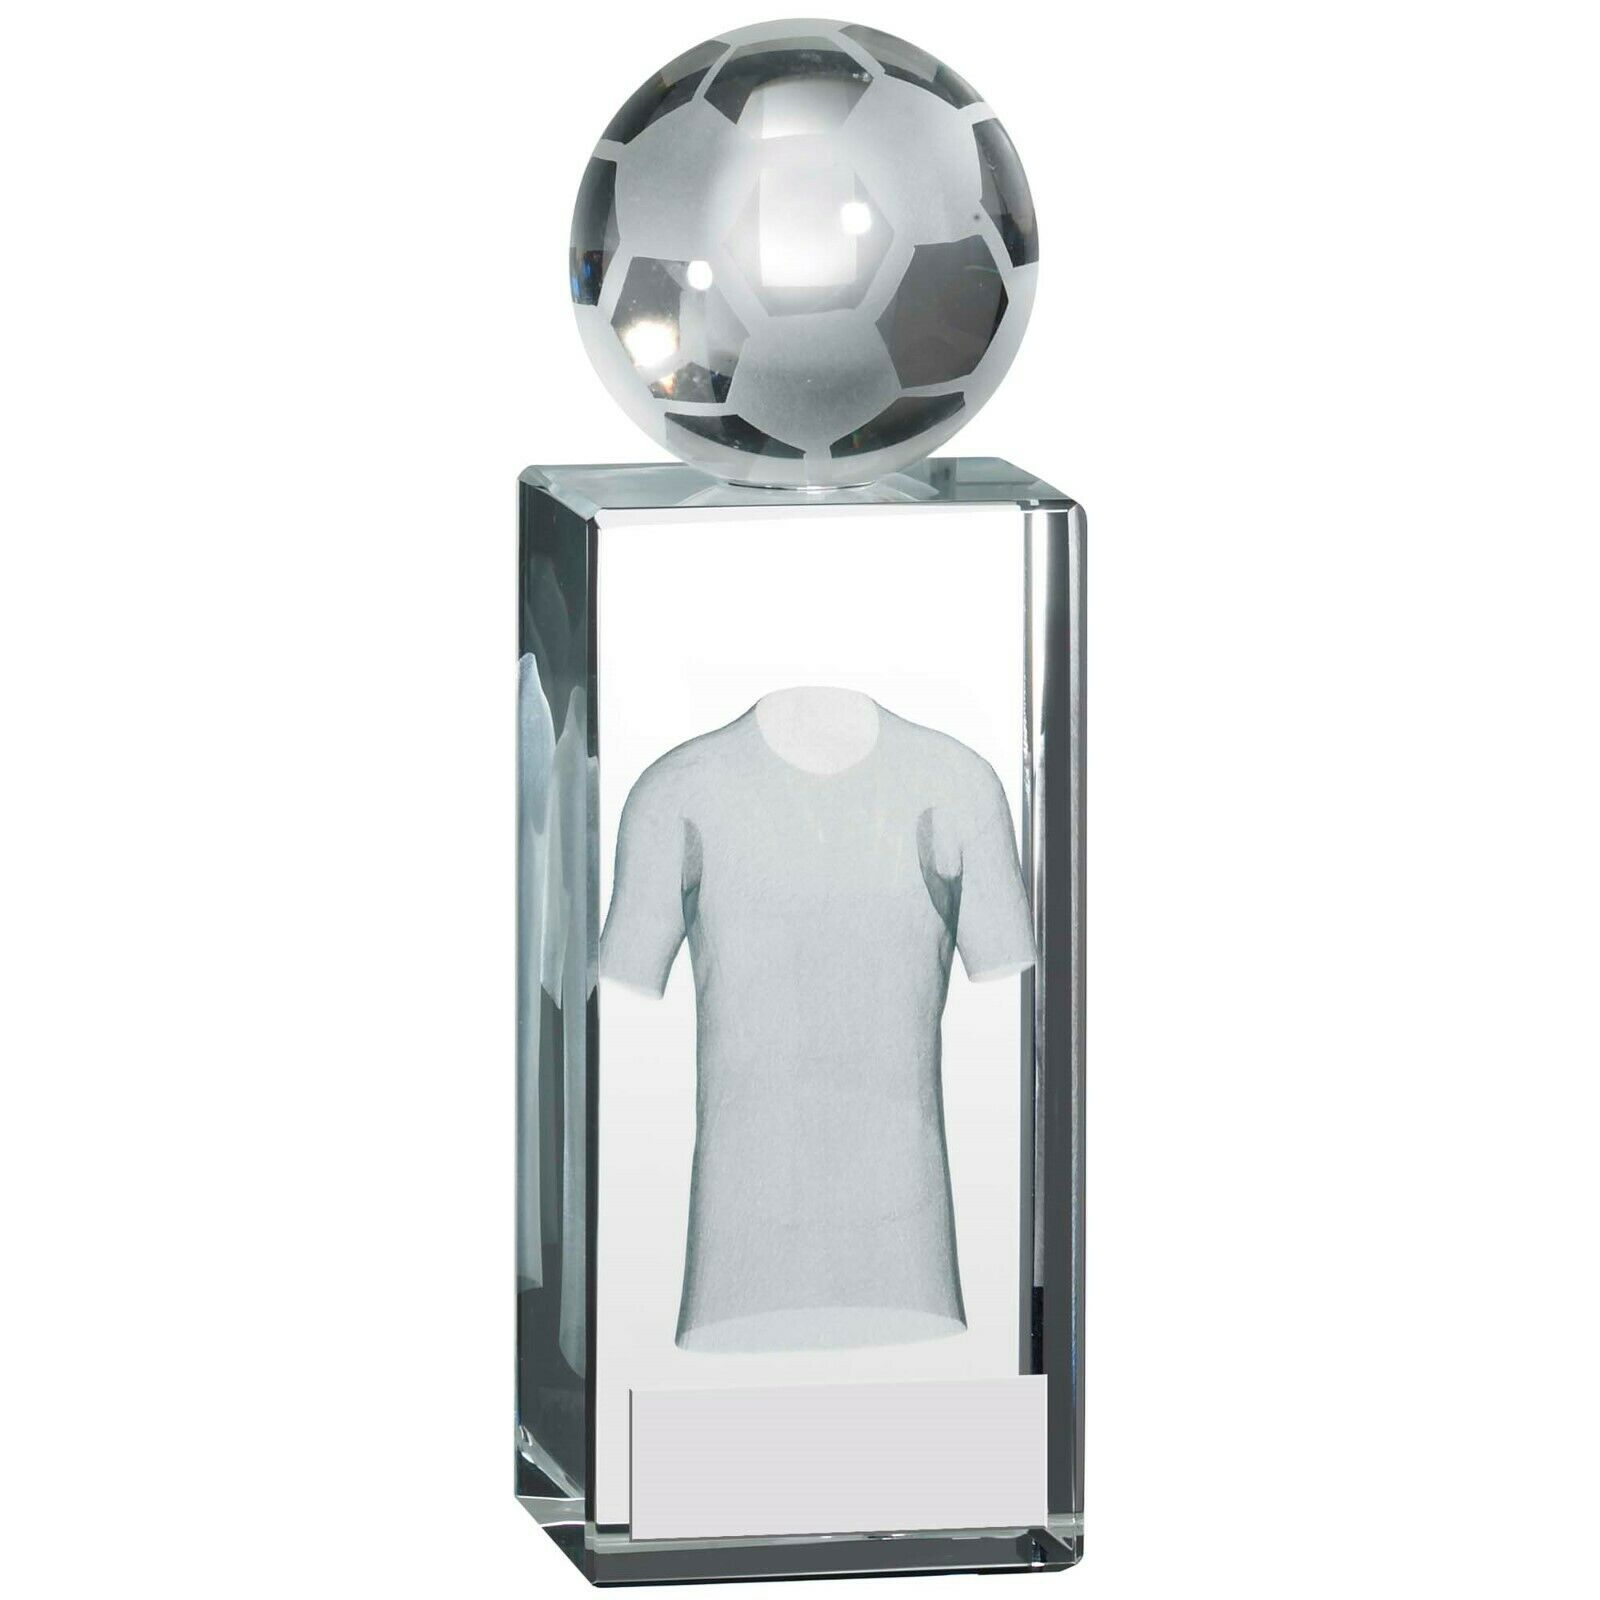 3073b575e3a75 Calcio Vetro Blocco Premio 3D Sfera Laser Immagine Maglietta Trofeo  nsjsod8437-Pokale